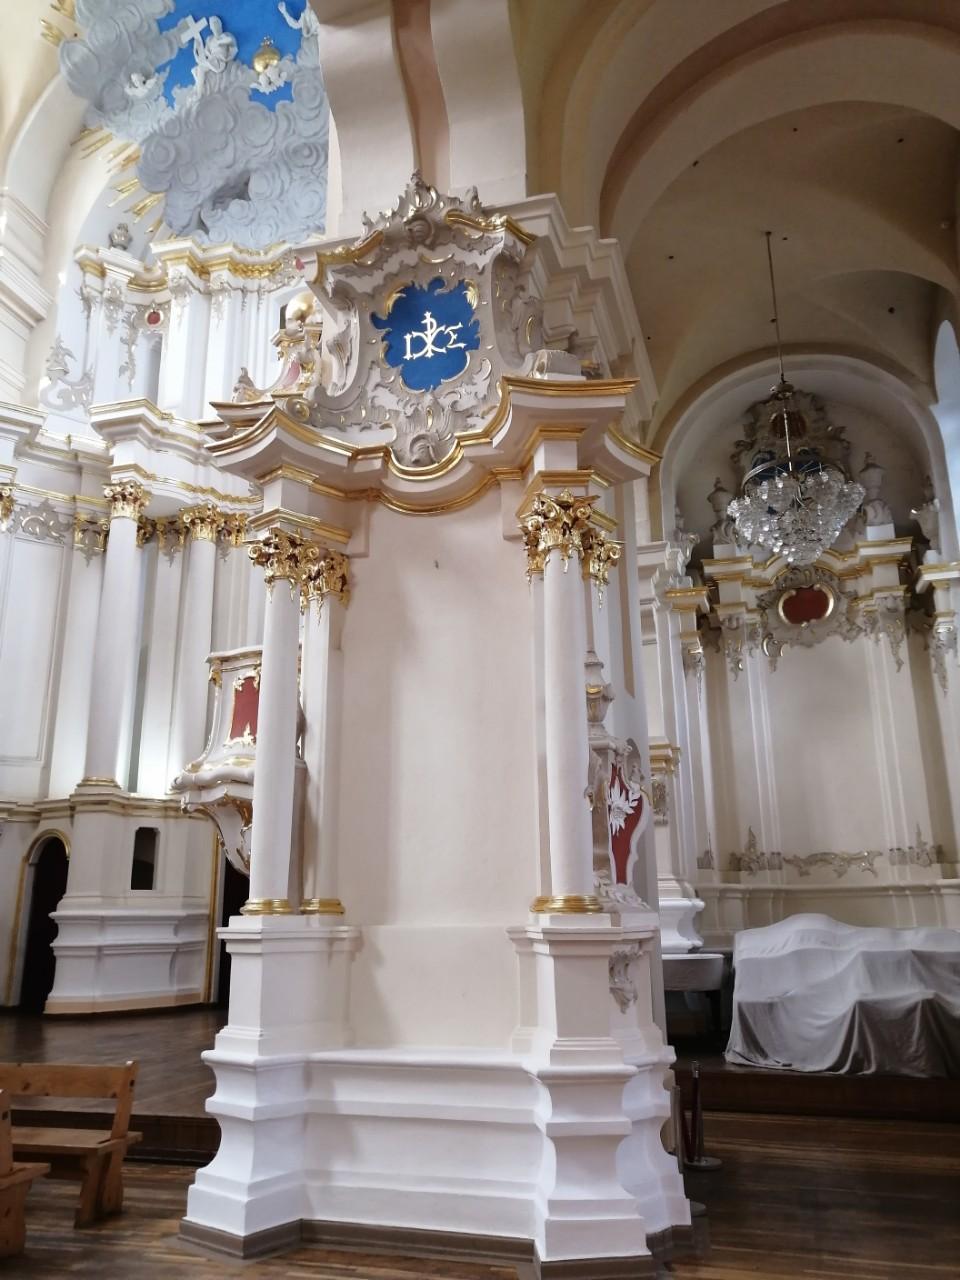 image 0 02 04 6f7ddb59dbf1e43b061f958e740ccf5950b9f62b37294bfcabfad54987c6b739 V - Софийский собор в Полоцке